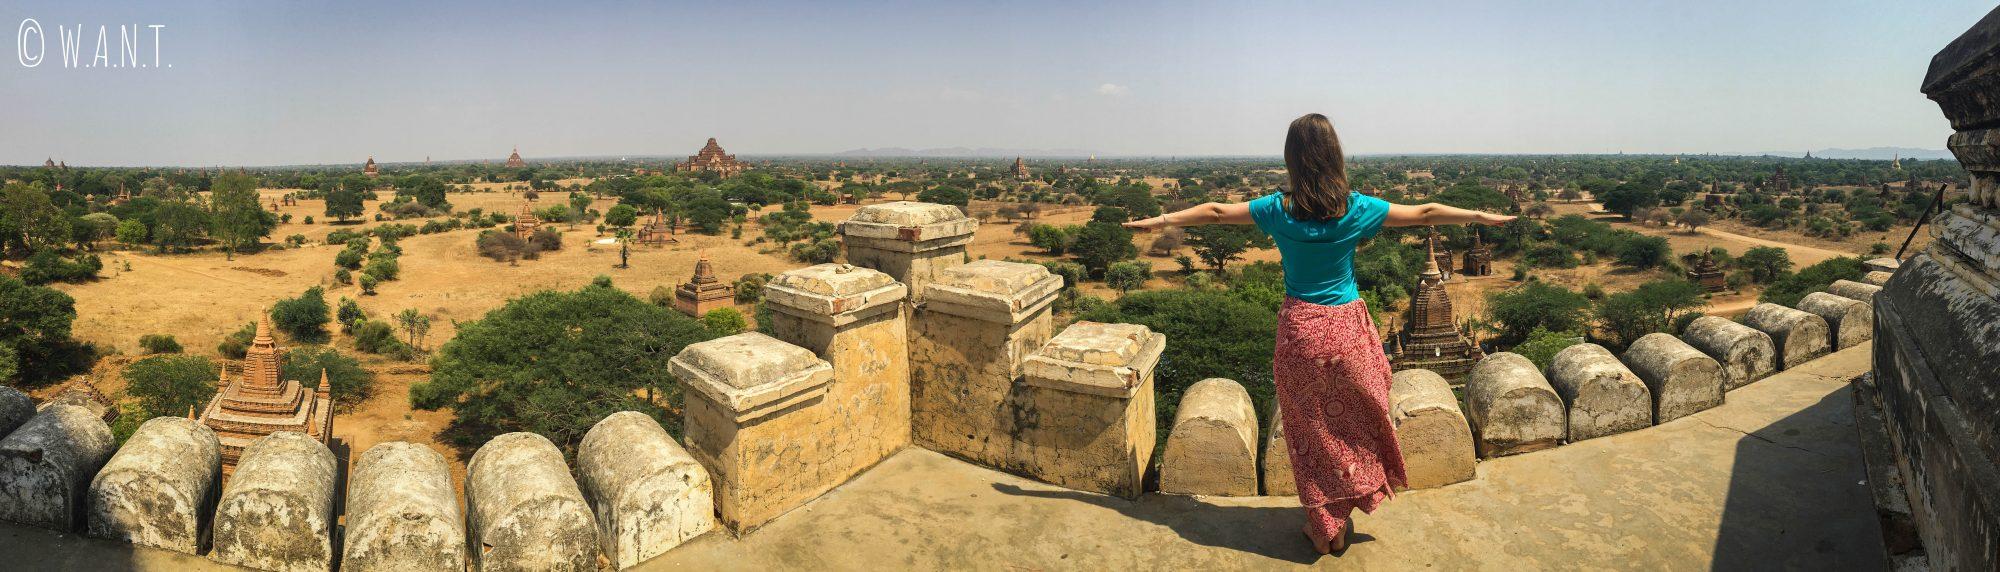 Magnifique vue depuis la pagode Shwesandaw